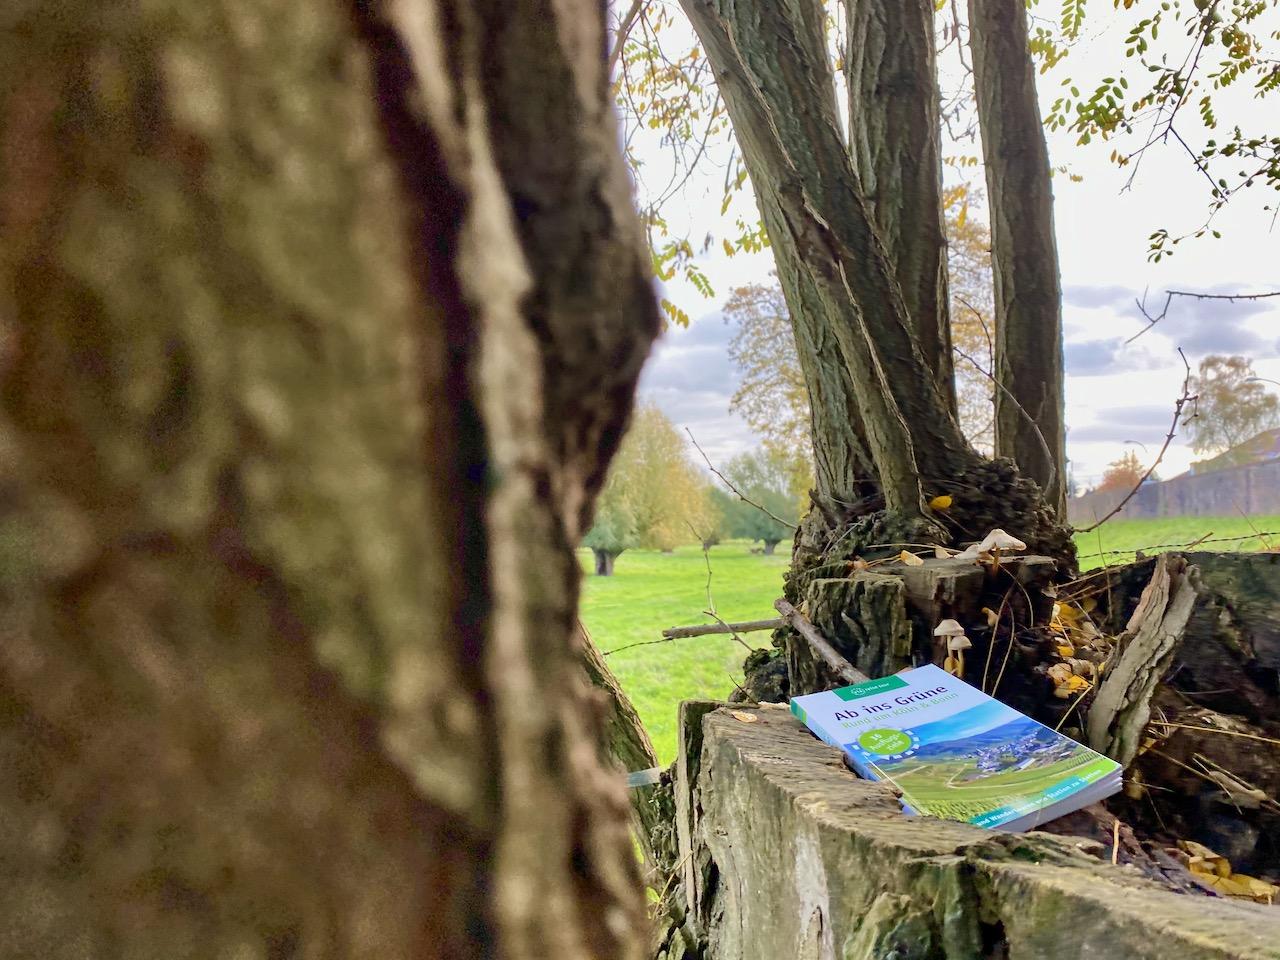 Buchvorstellung: Ab ins Grüne – 36 Ausflugsziele rund um Köln & Bonn